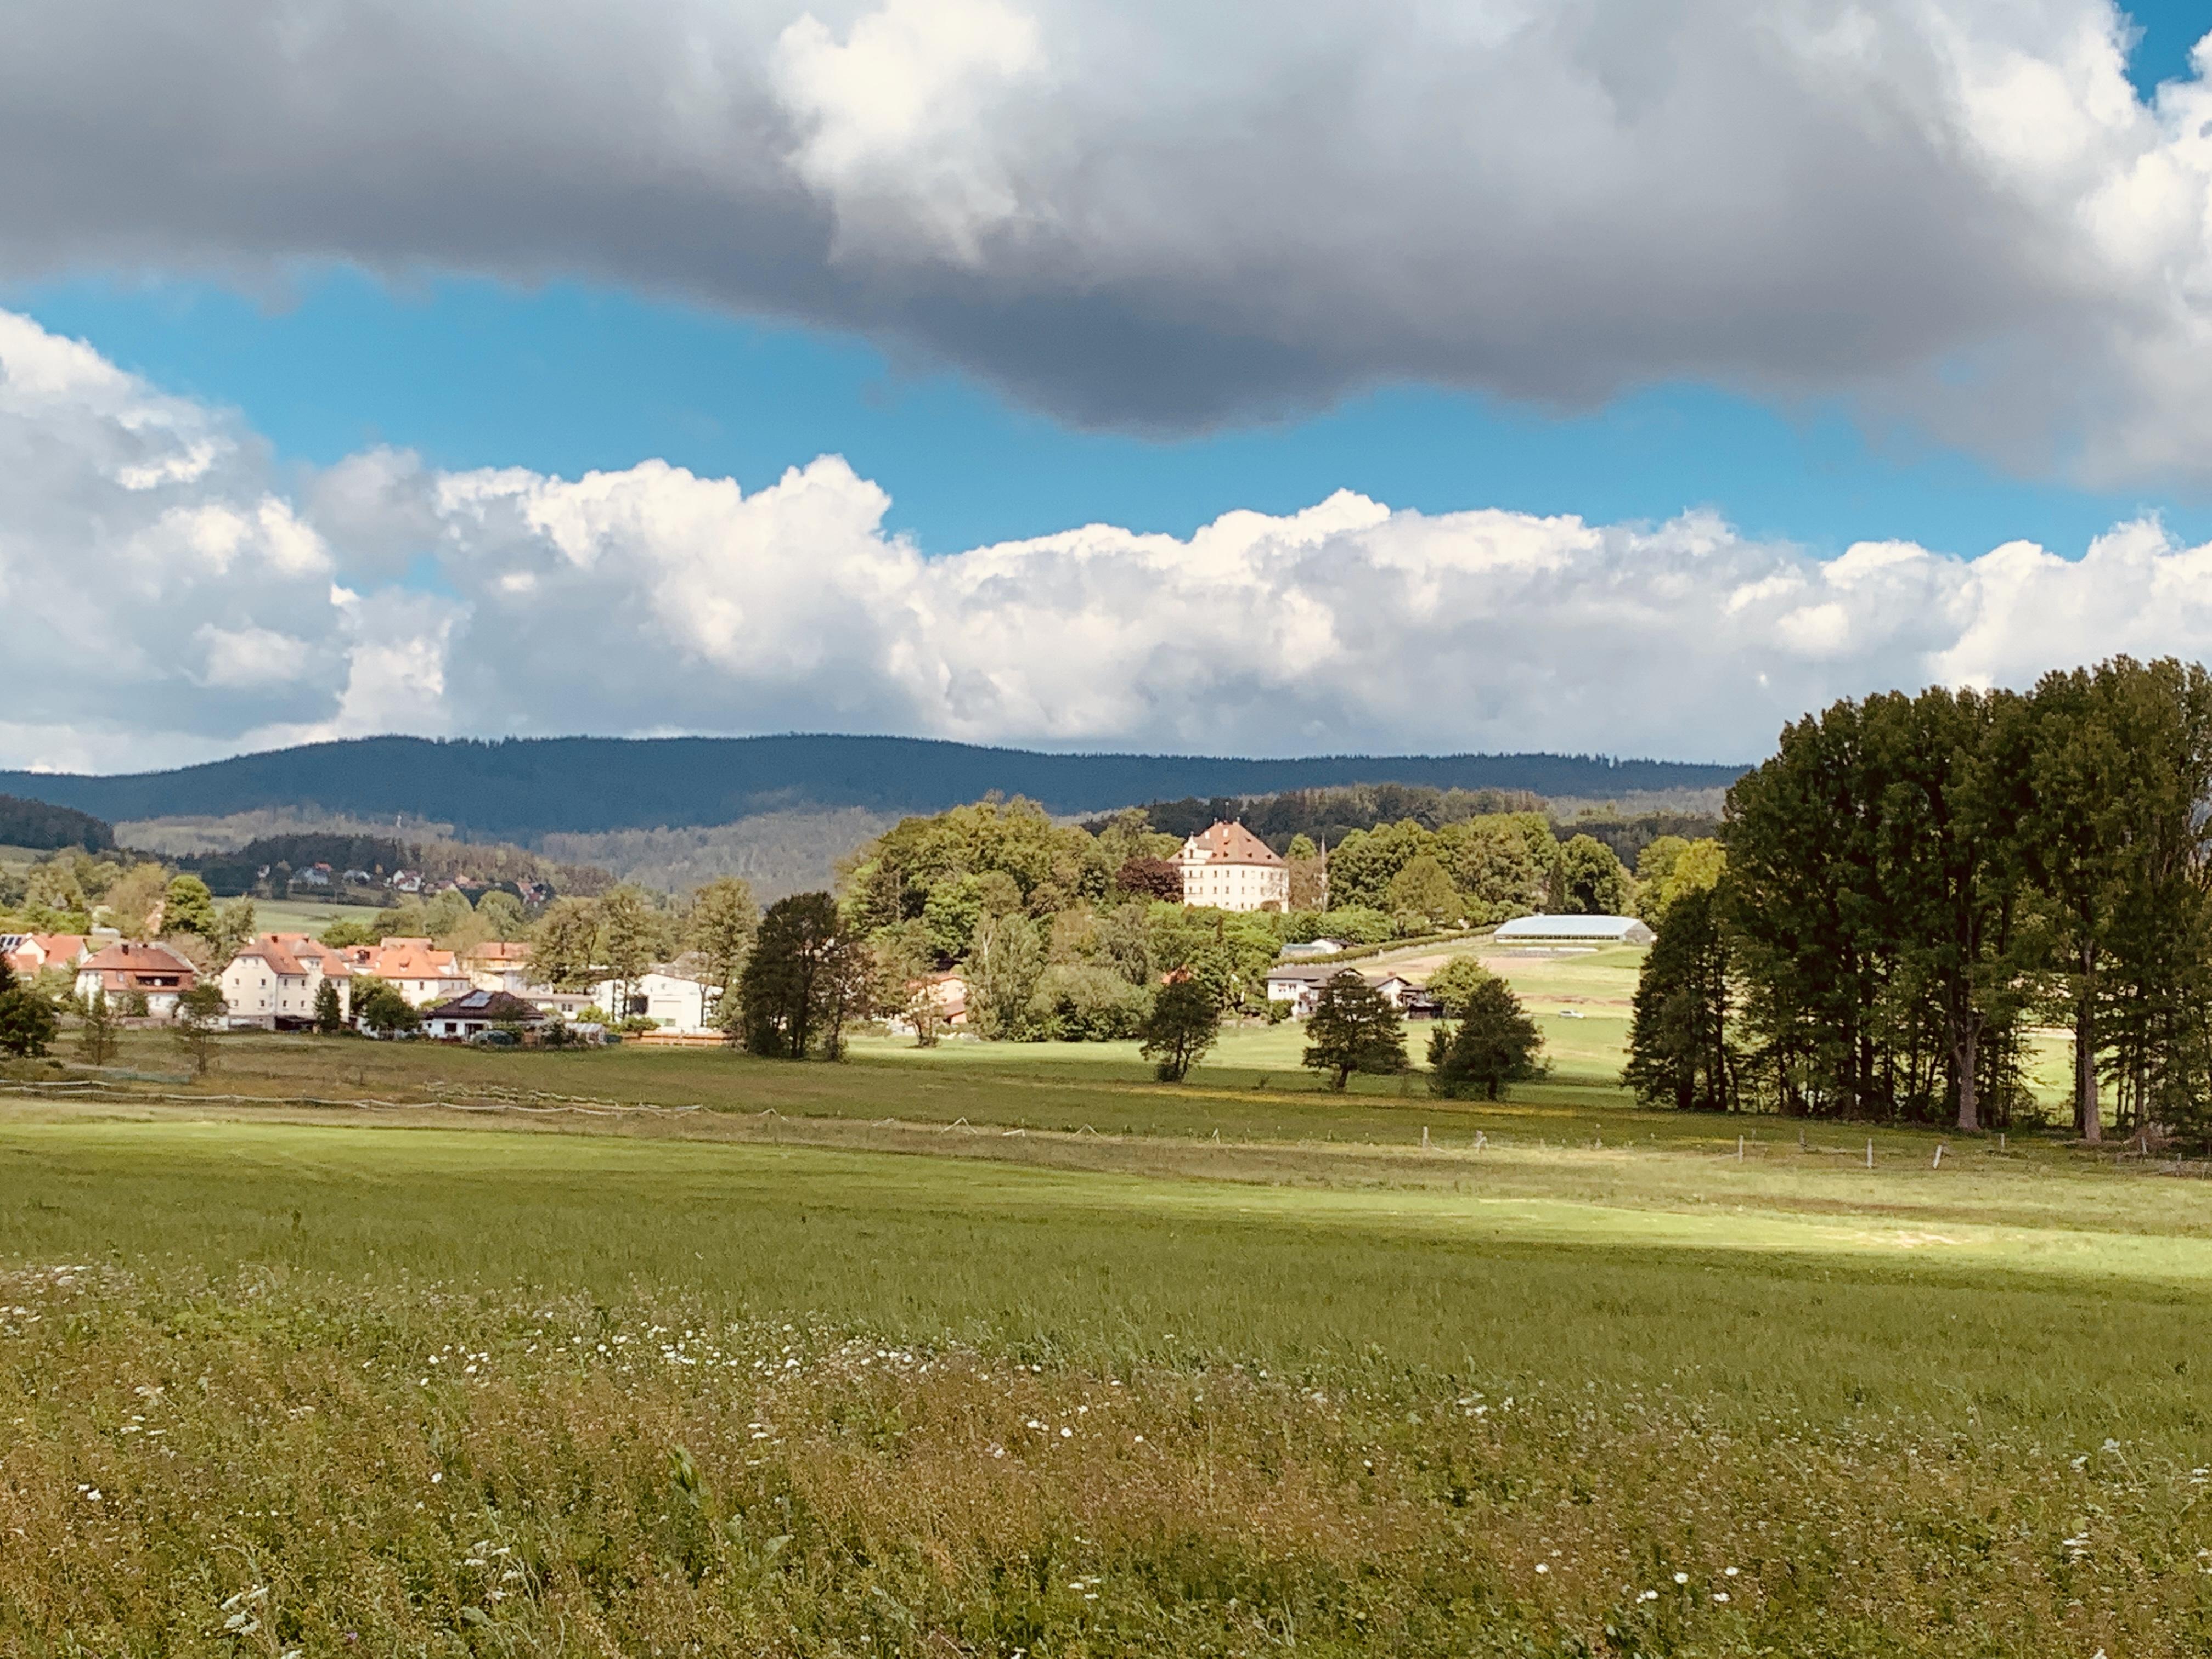 Das Örtchen Friedenfels im Naturpark Steinwald